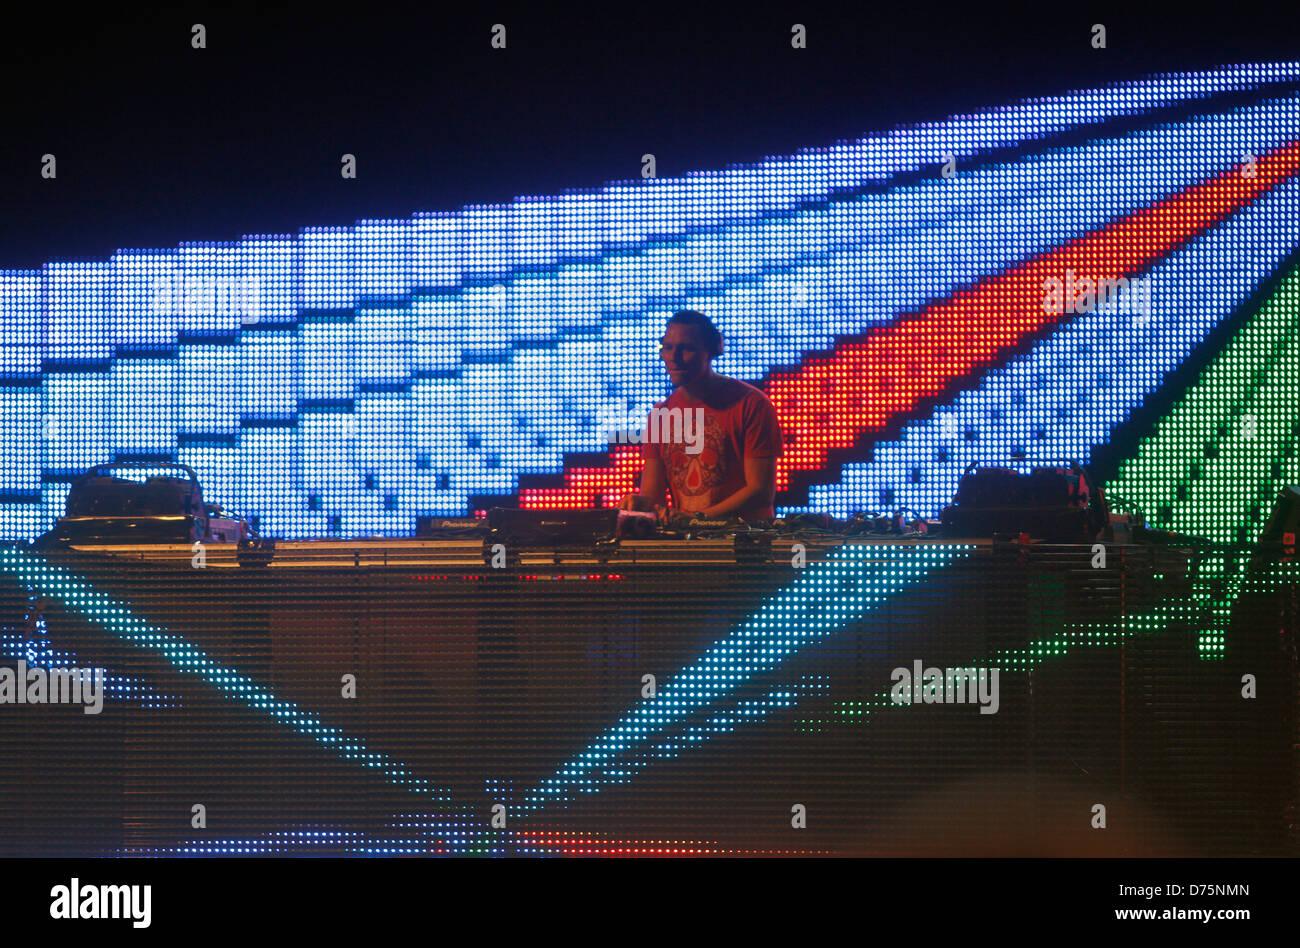 Músico holandés DJ Tiesto realiza durante un evento en vivo en la isla balear de Ibiza Español. Imagen De Stock